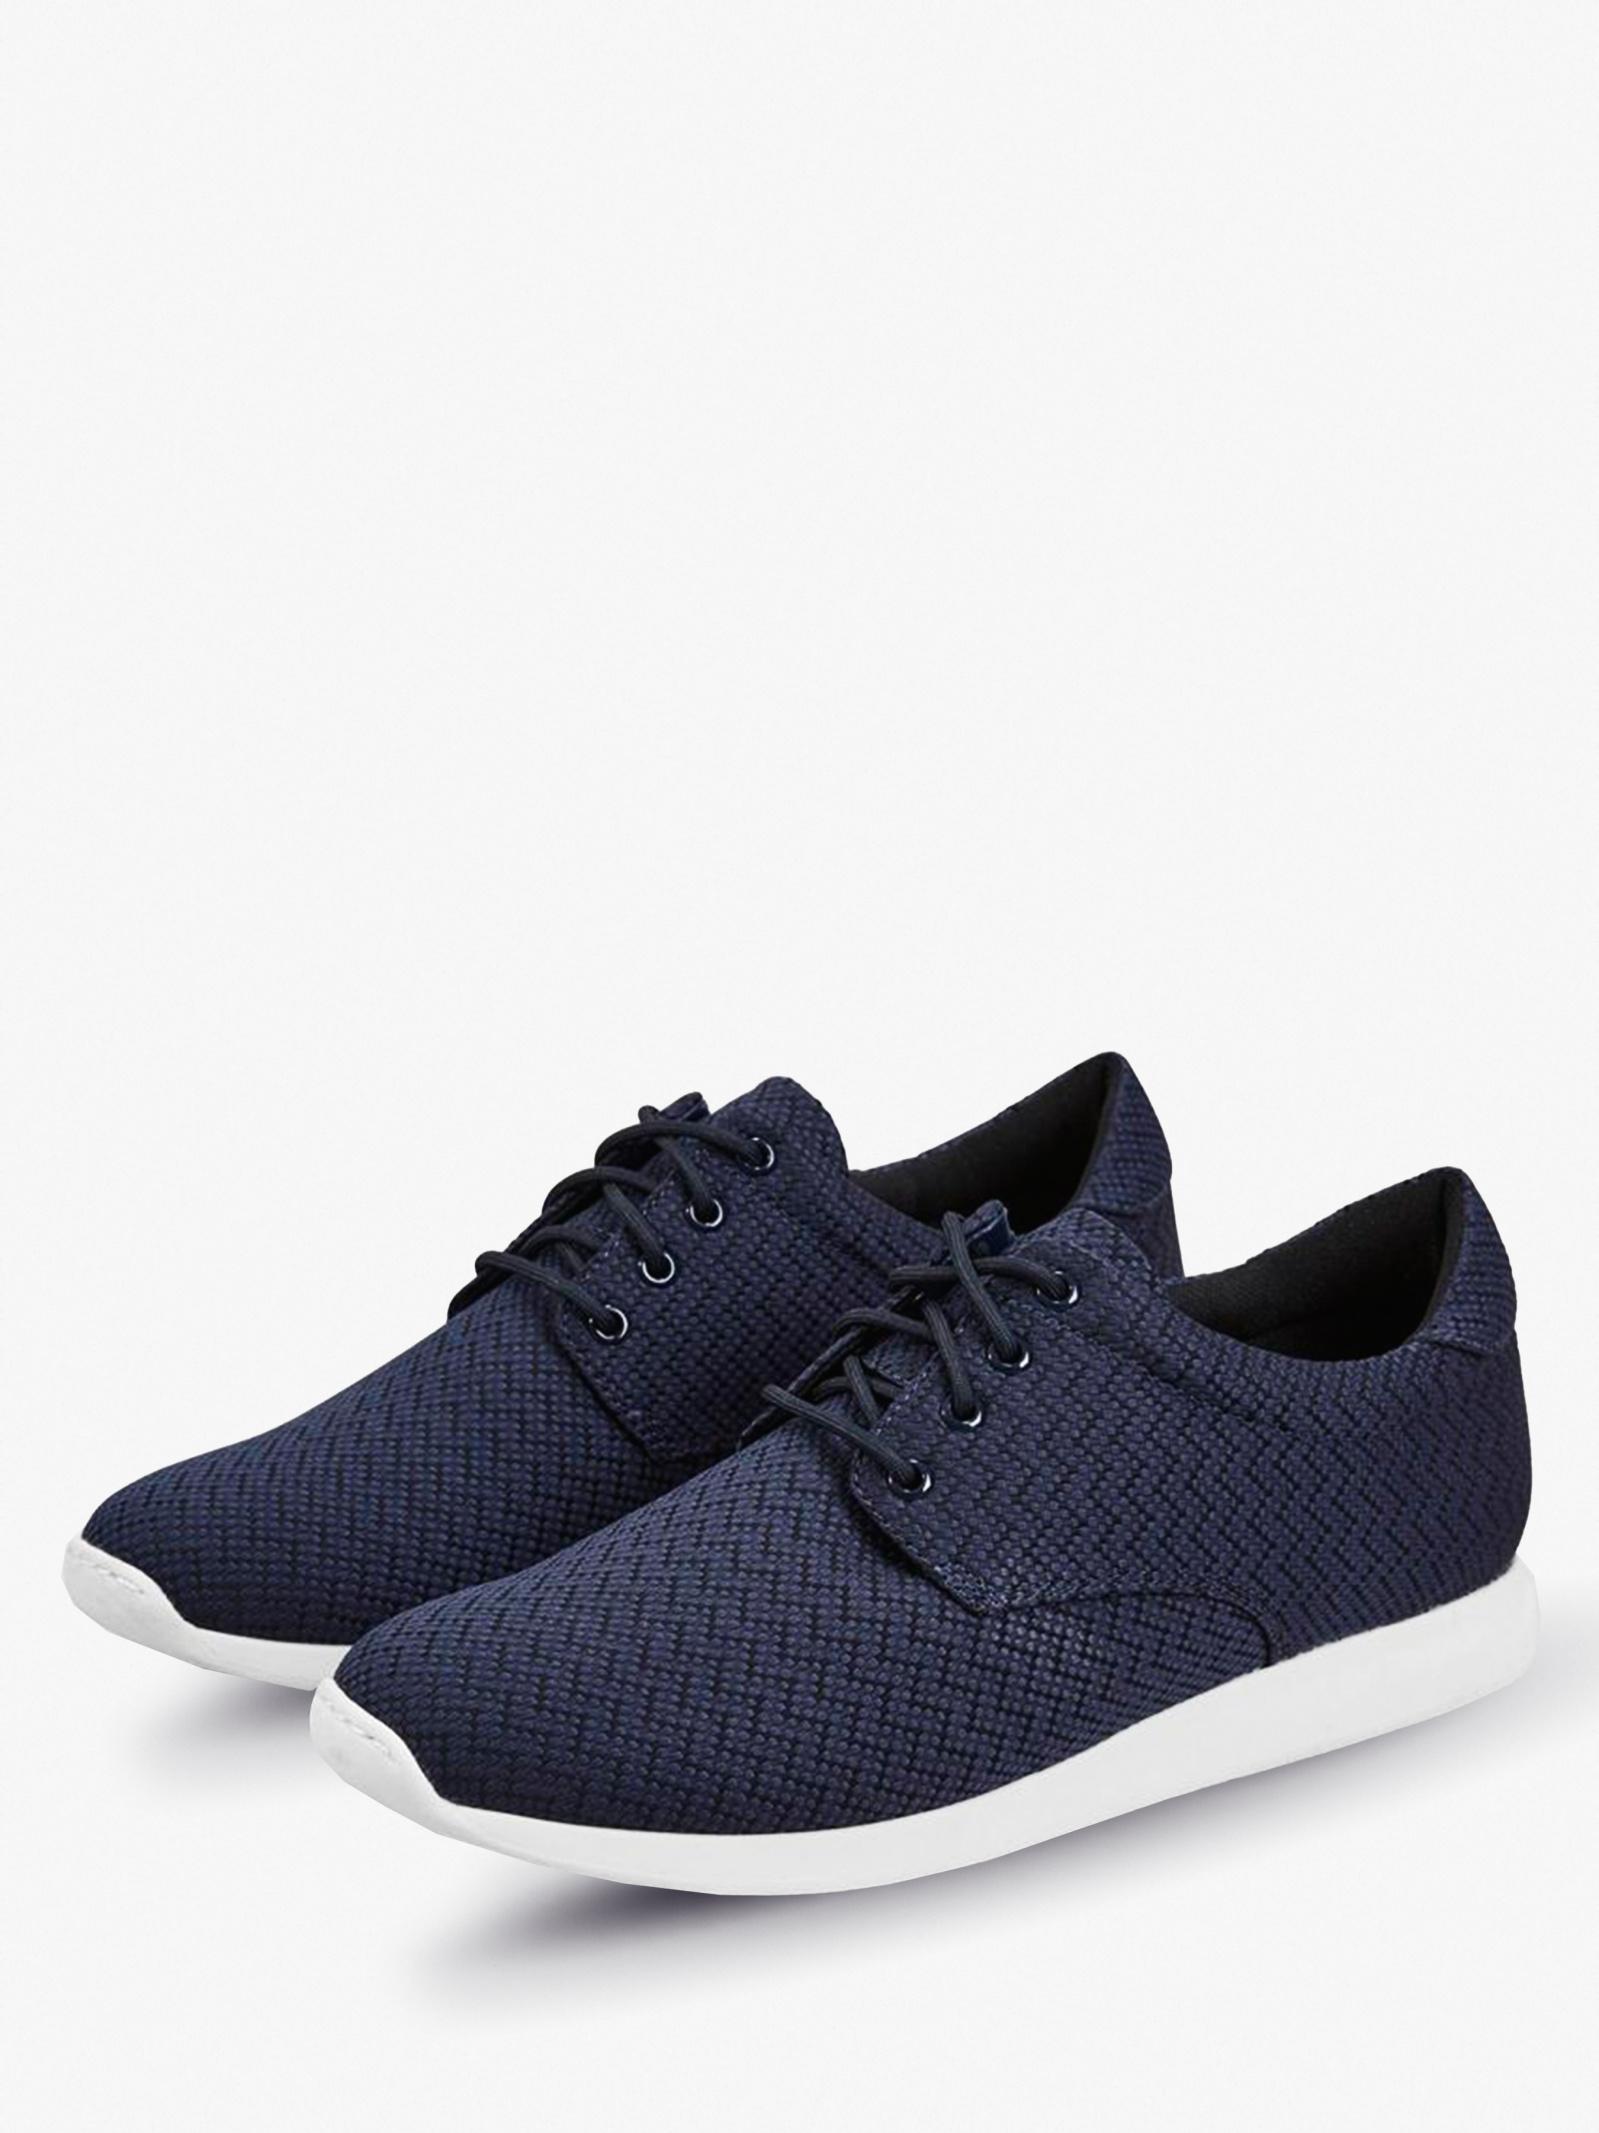 Кросівки  жіночі VAGABOND KASAI 2.0 4525-380-64 продаж, 2017